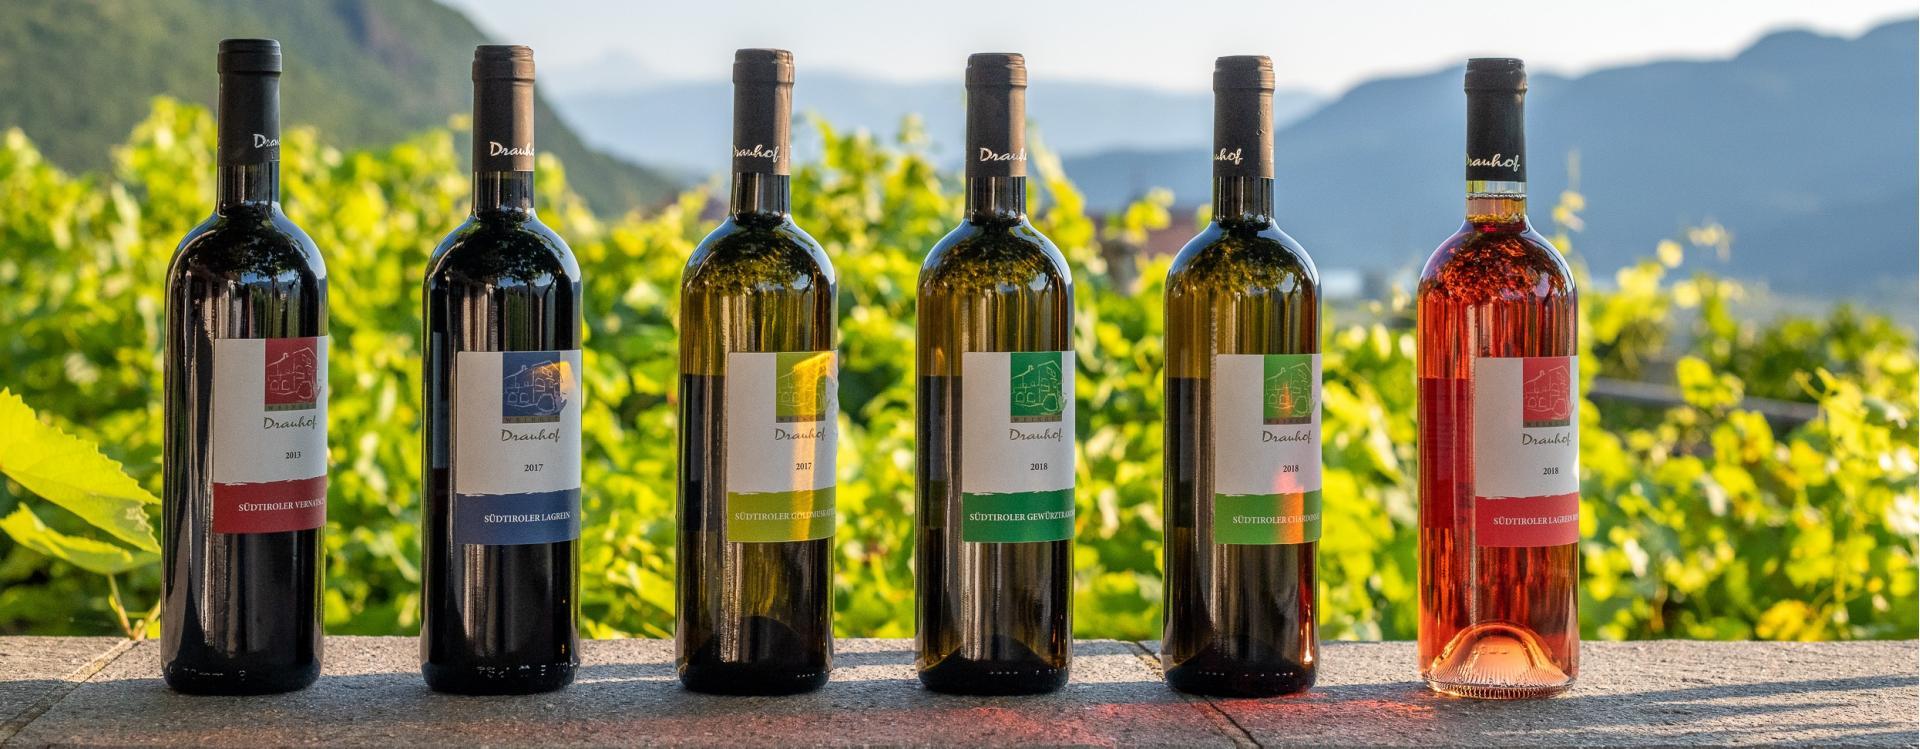 Drauhof Weinauswahl